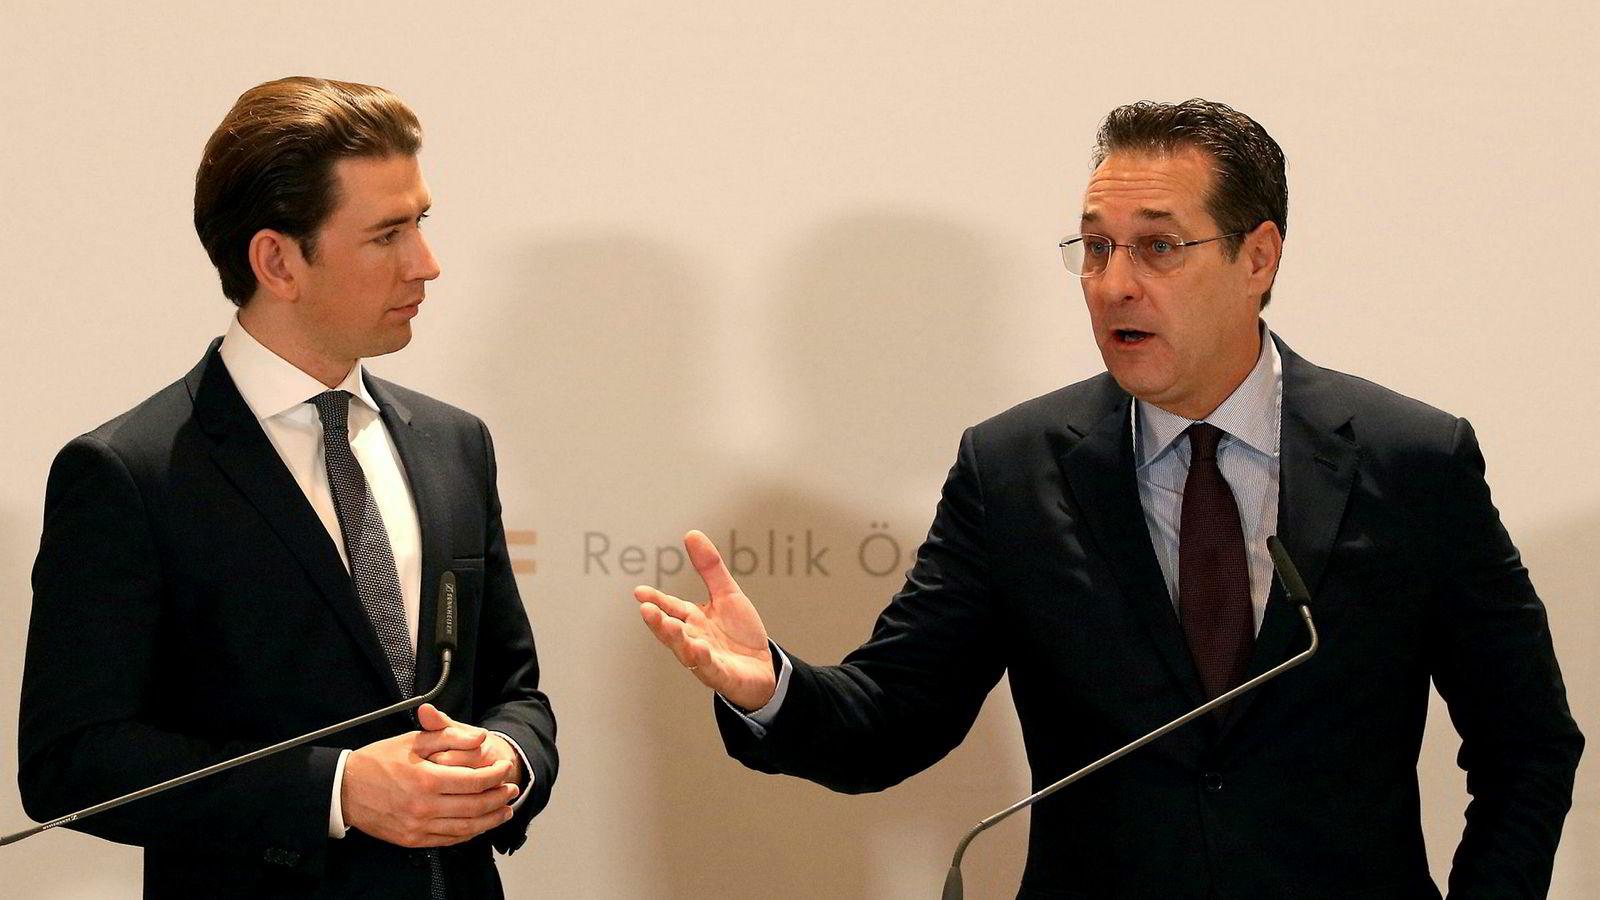 Statsminister Sebastian Kurz (til venstre) og visestatsminister Heinz-Christian Strache møttes lørdag etter at Strache ble avslørt idet han angivelig tilbød regjeringskontrakter til en russer i bytte mot politisk støtte. Strache trakk seg etter møtet med Kurz.